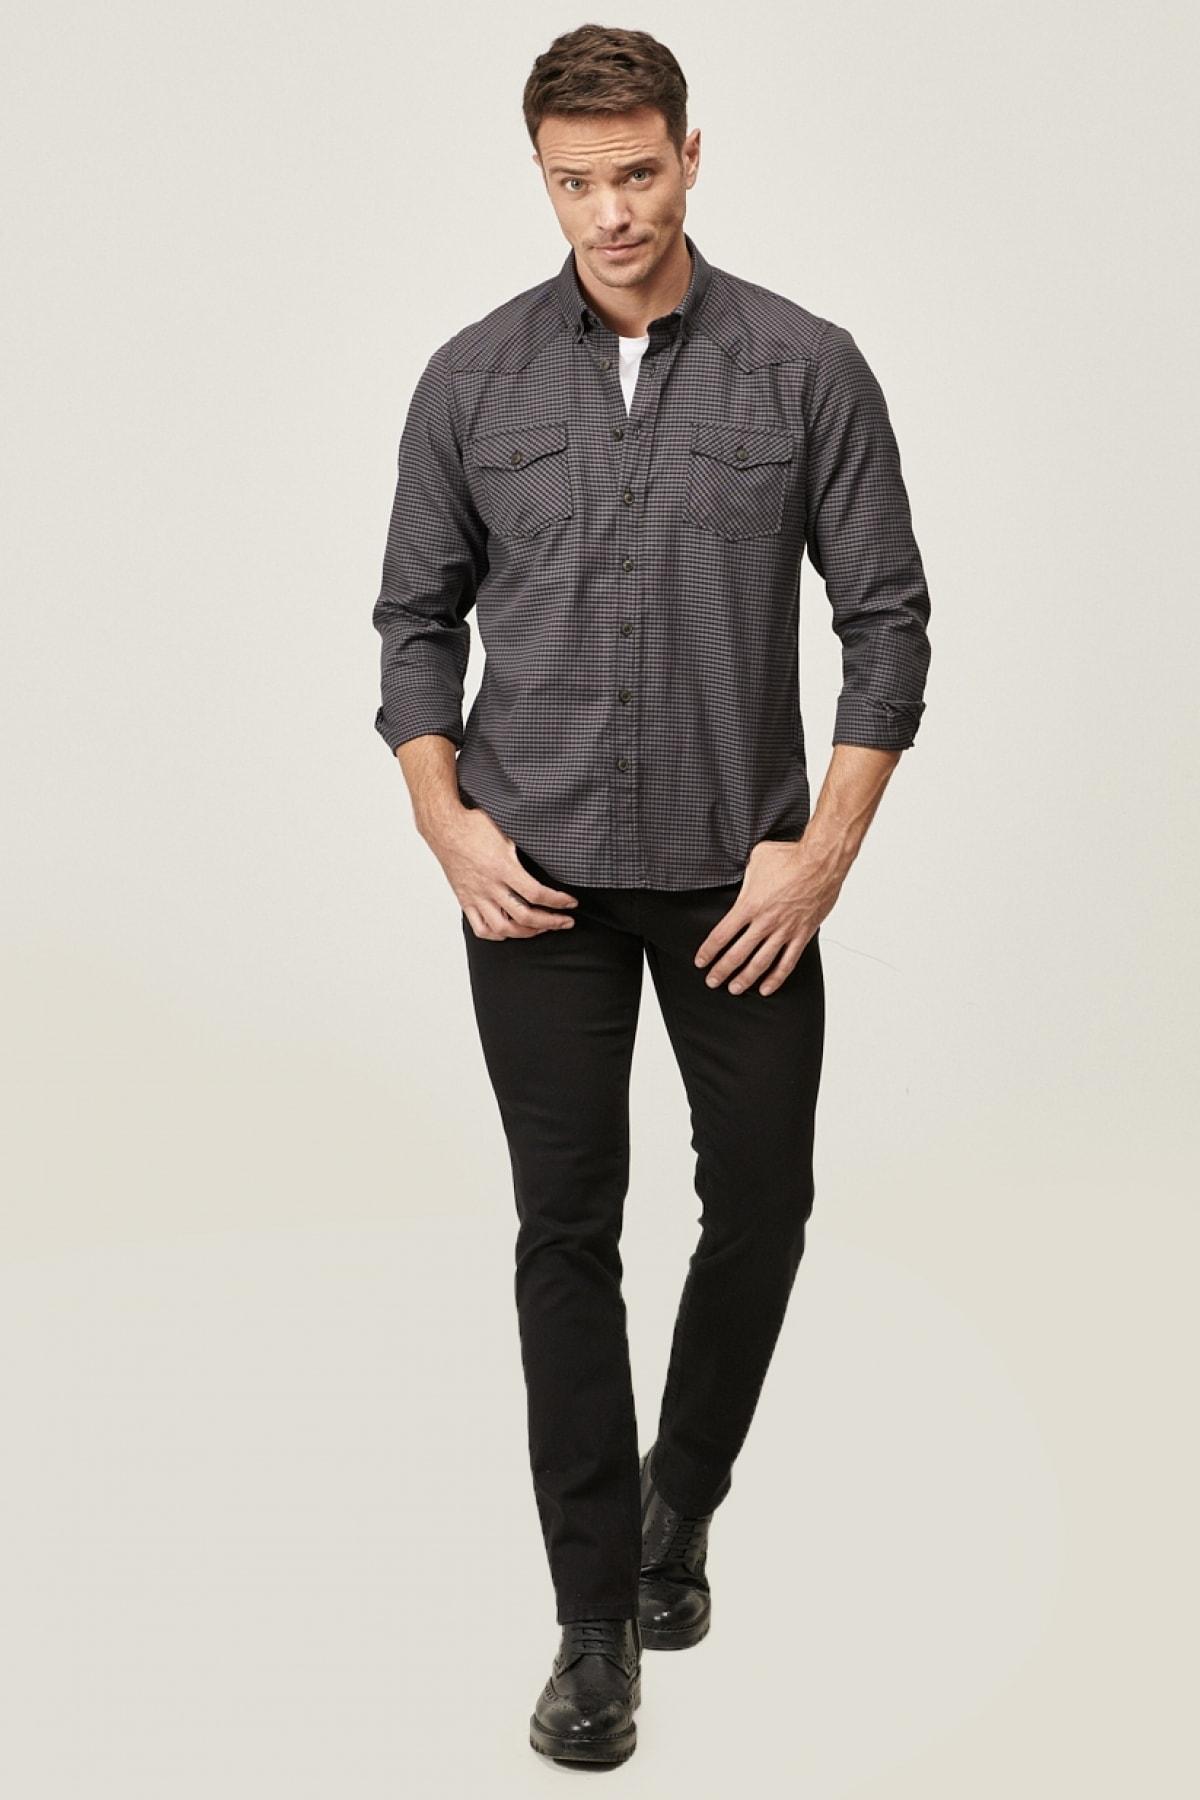 ALTINYILDIZ CLASSICS Erkek Siyah 360 Derece Her Yöne Esneyen Rahat Slim Fit Pantolon 1